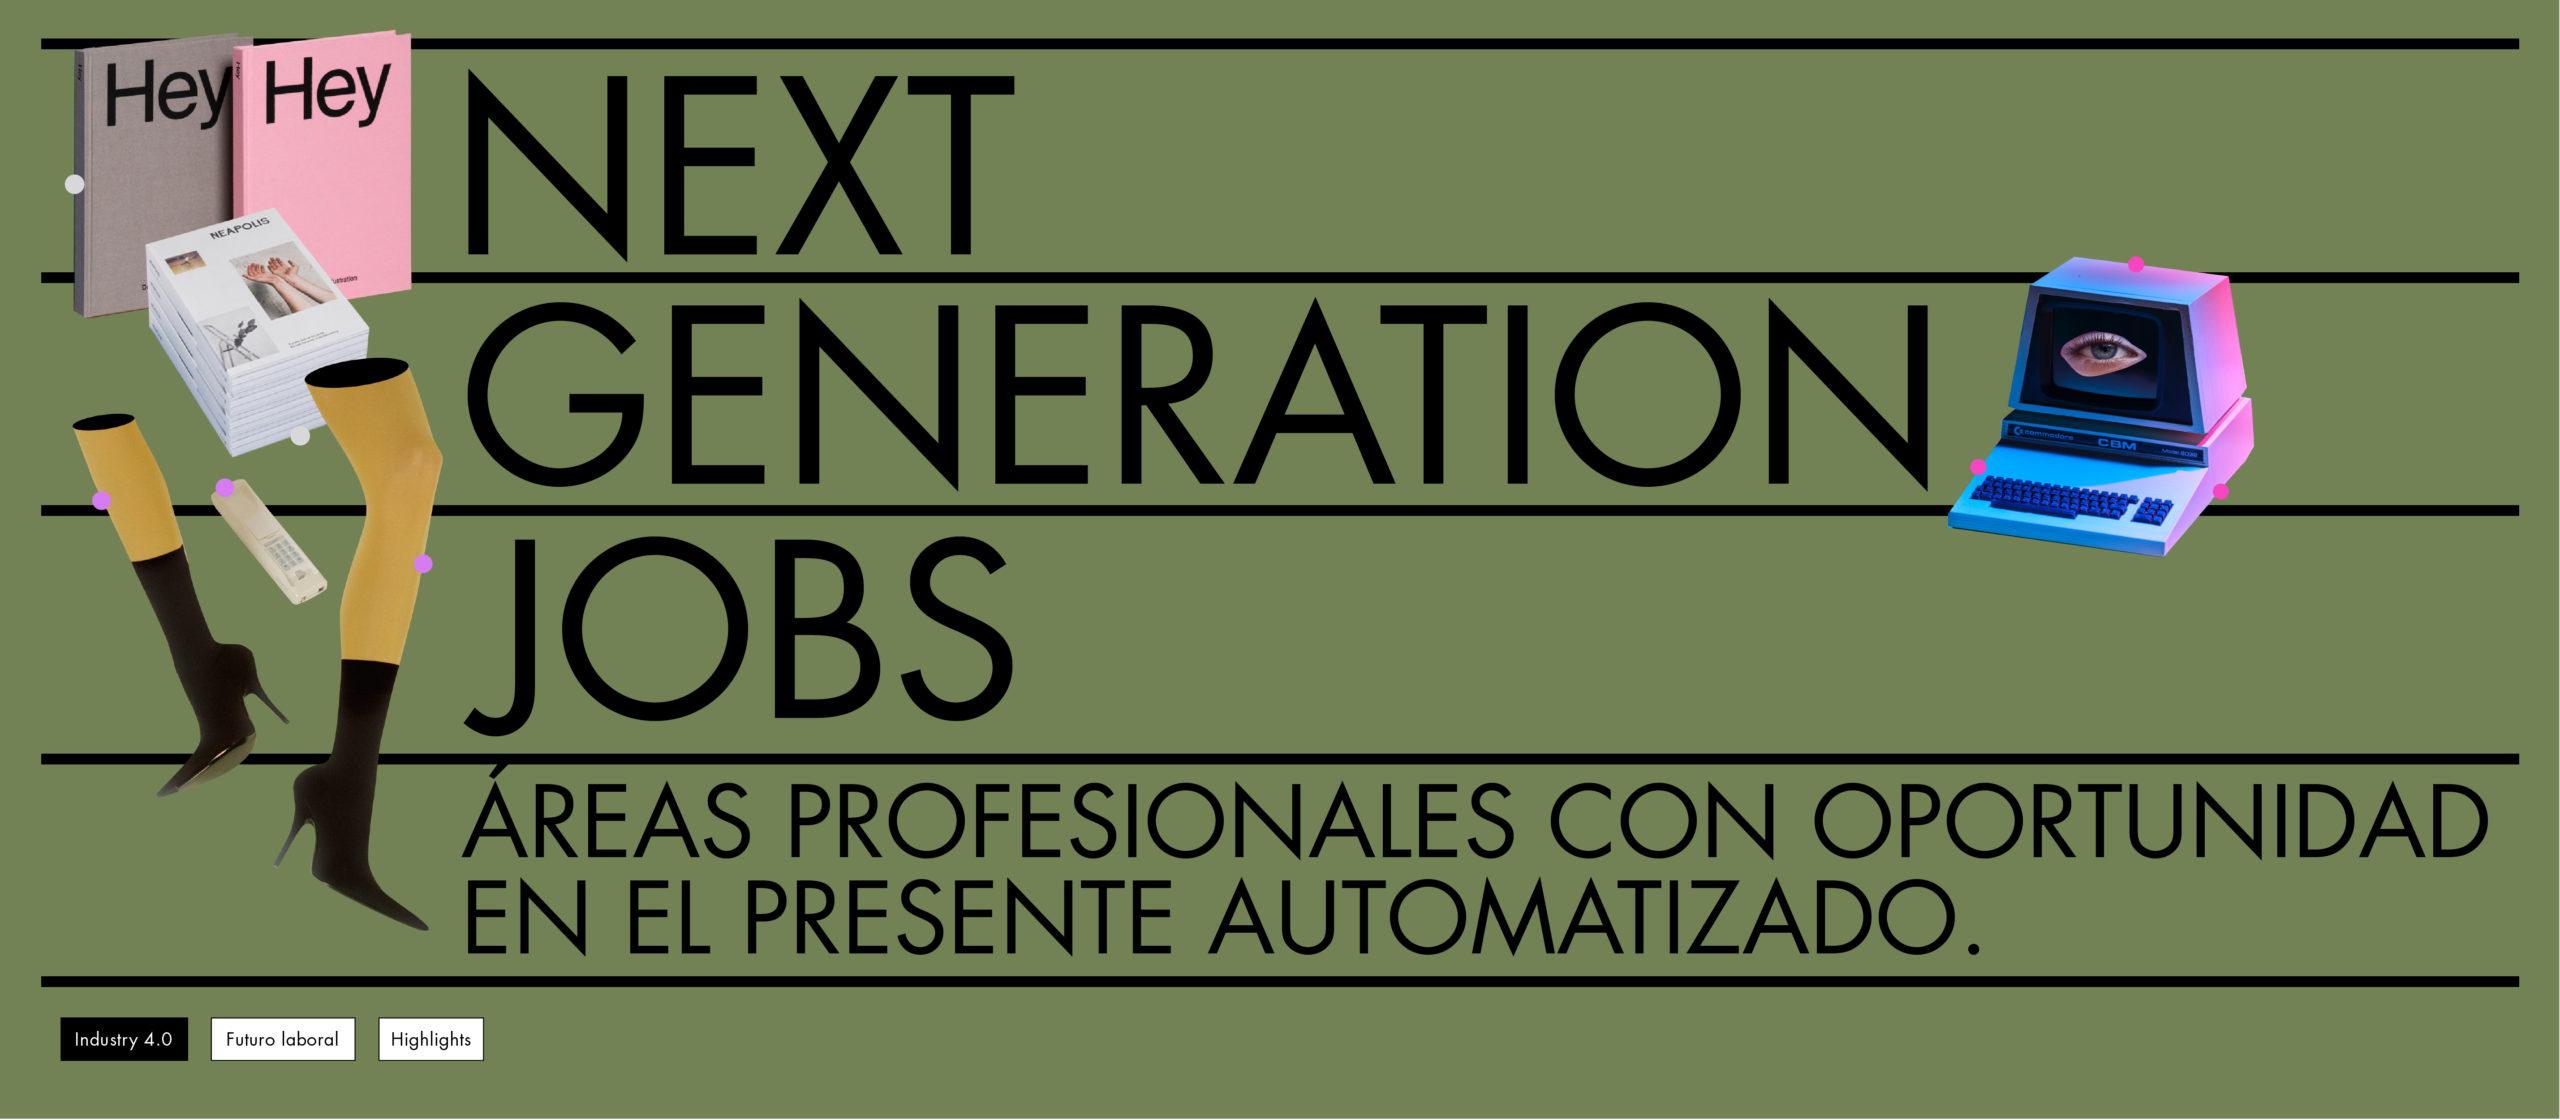 Áreas profesionales con oportunidad en el presente automatizado